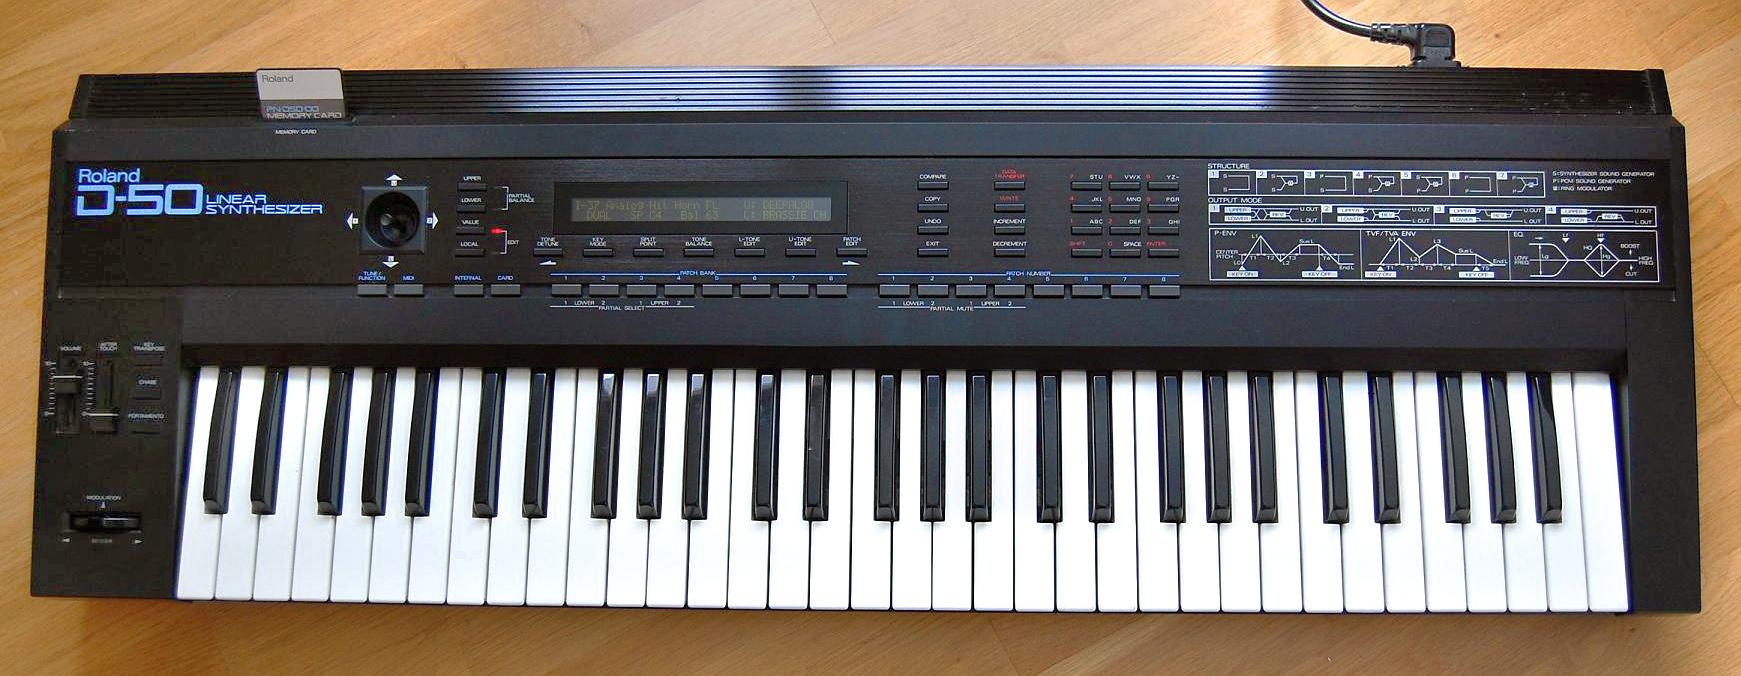 Yamaha Keyboard Service Manual Psr Ew